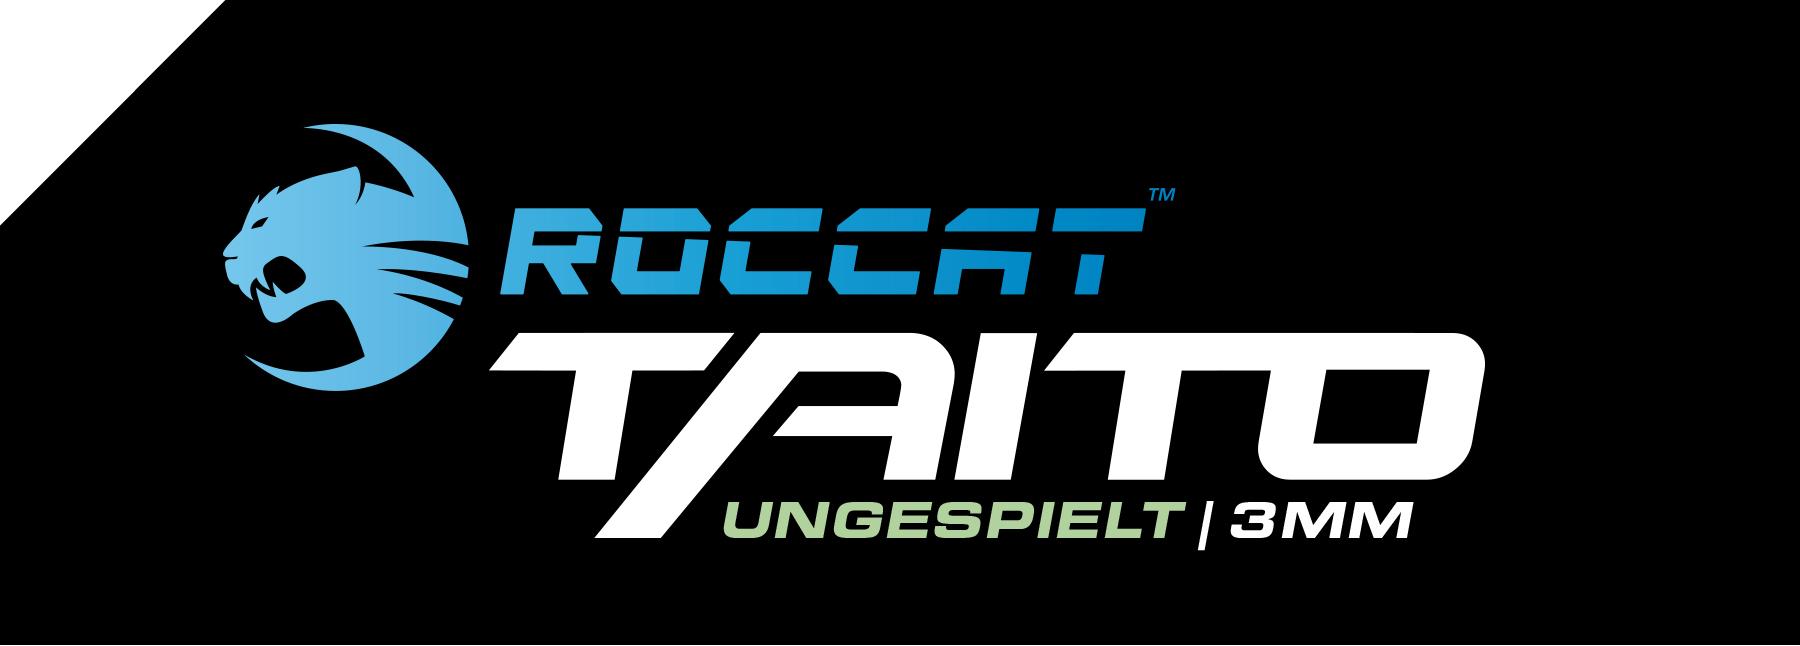 ROCCAT-Taito-Ungespielt_BlackEdge